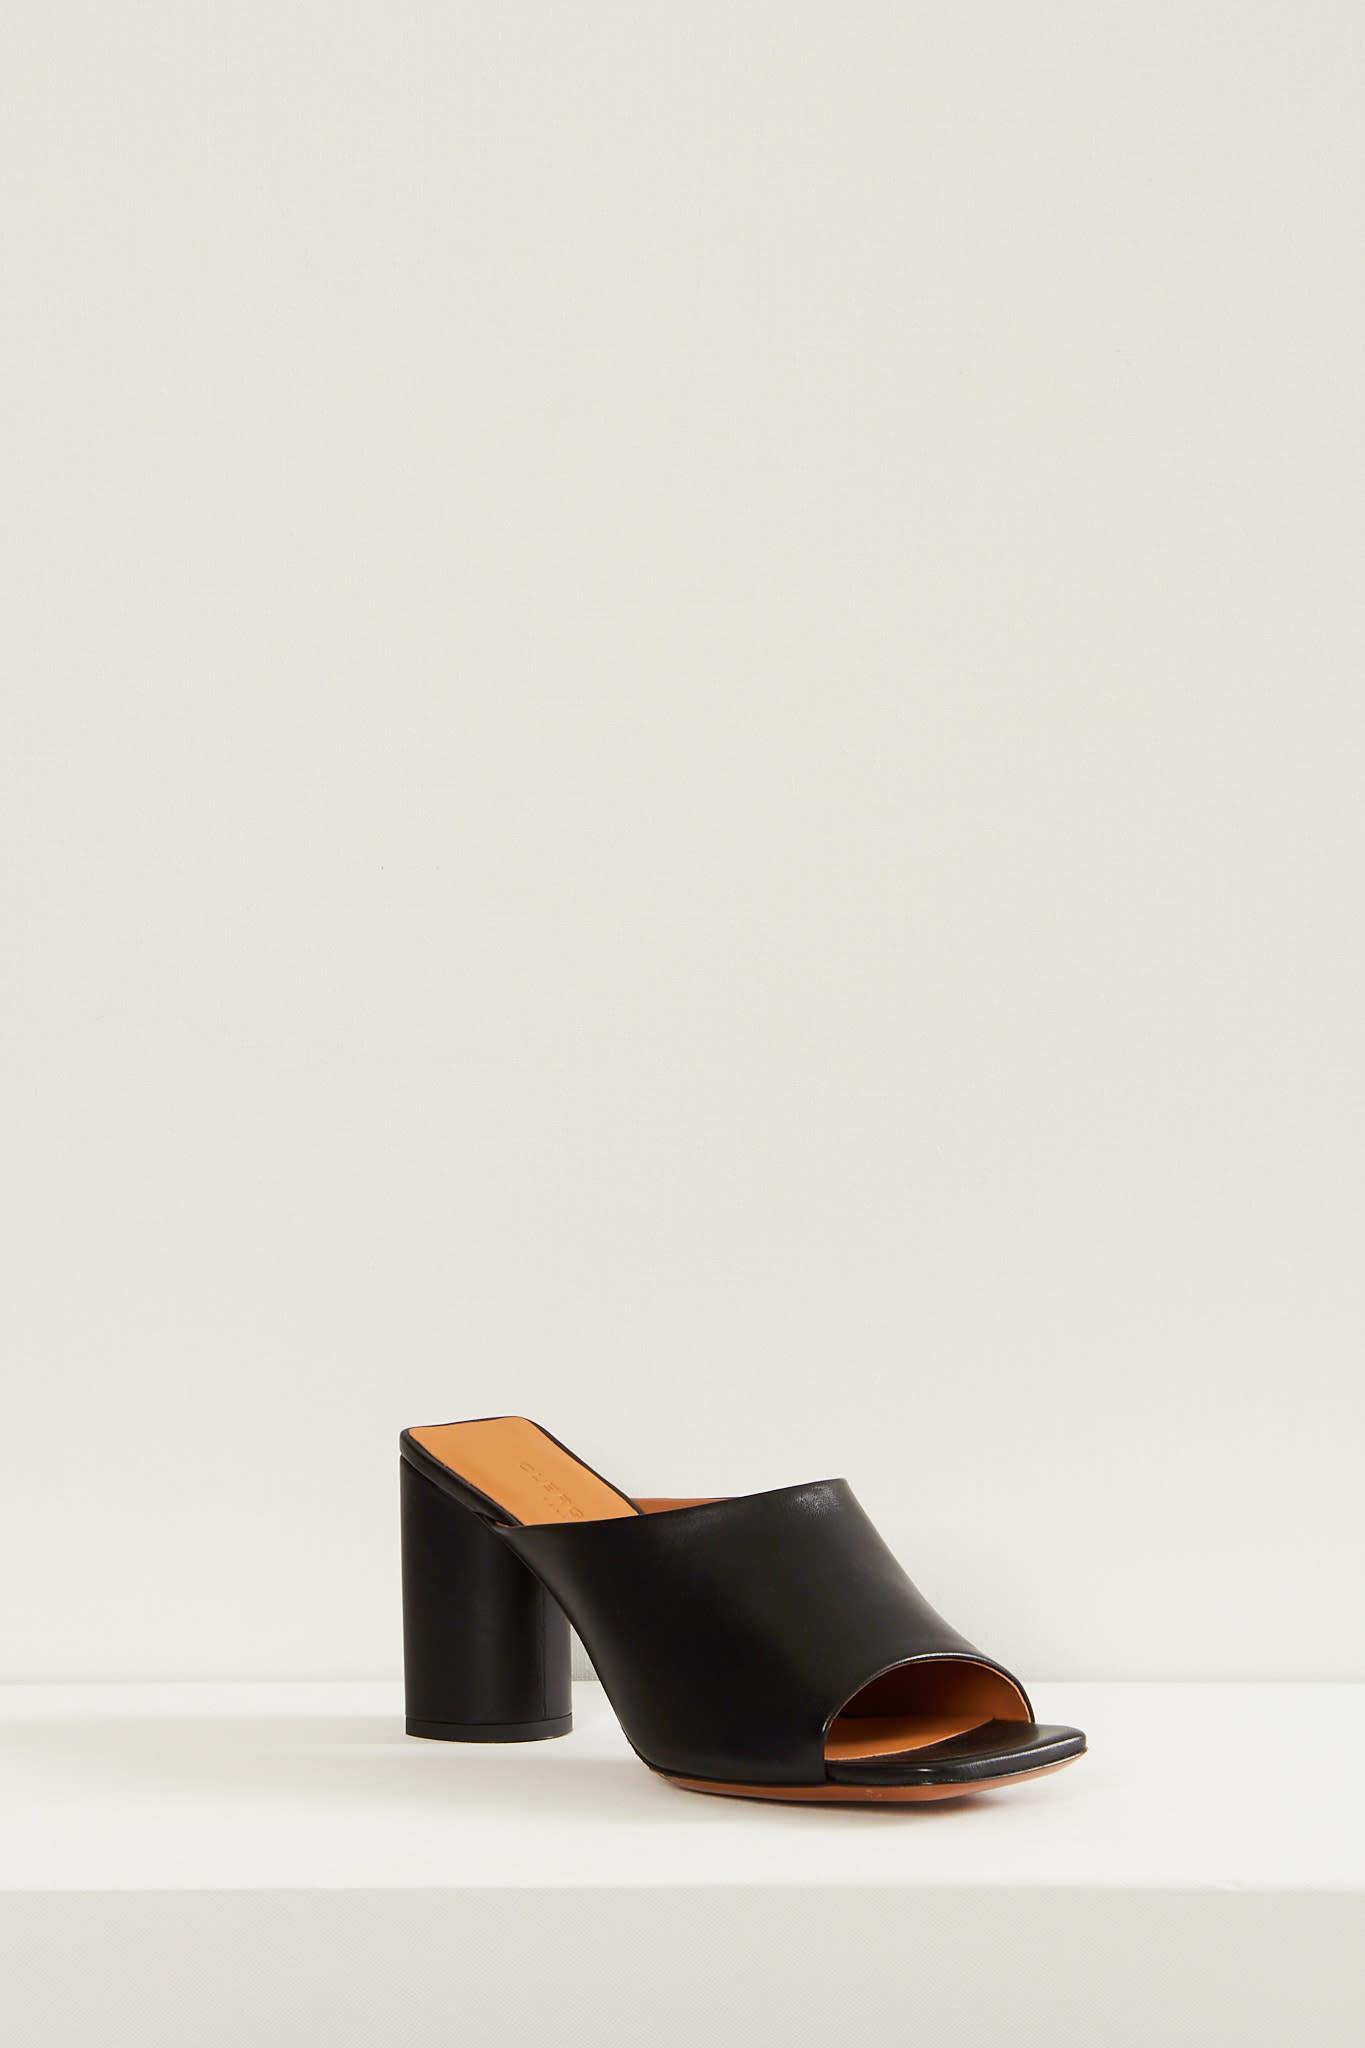 Clergerie Jodie sandals